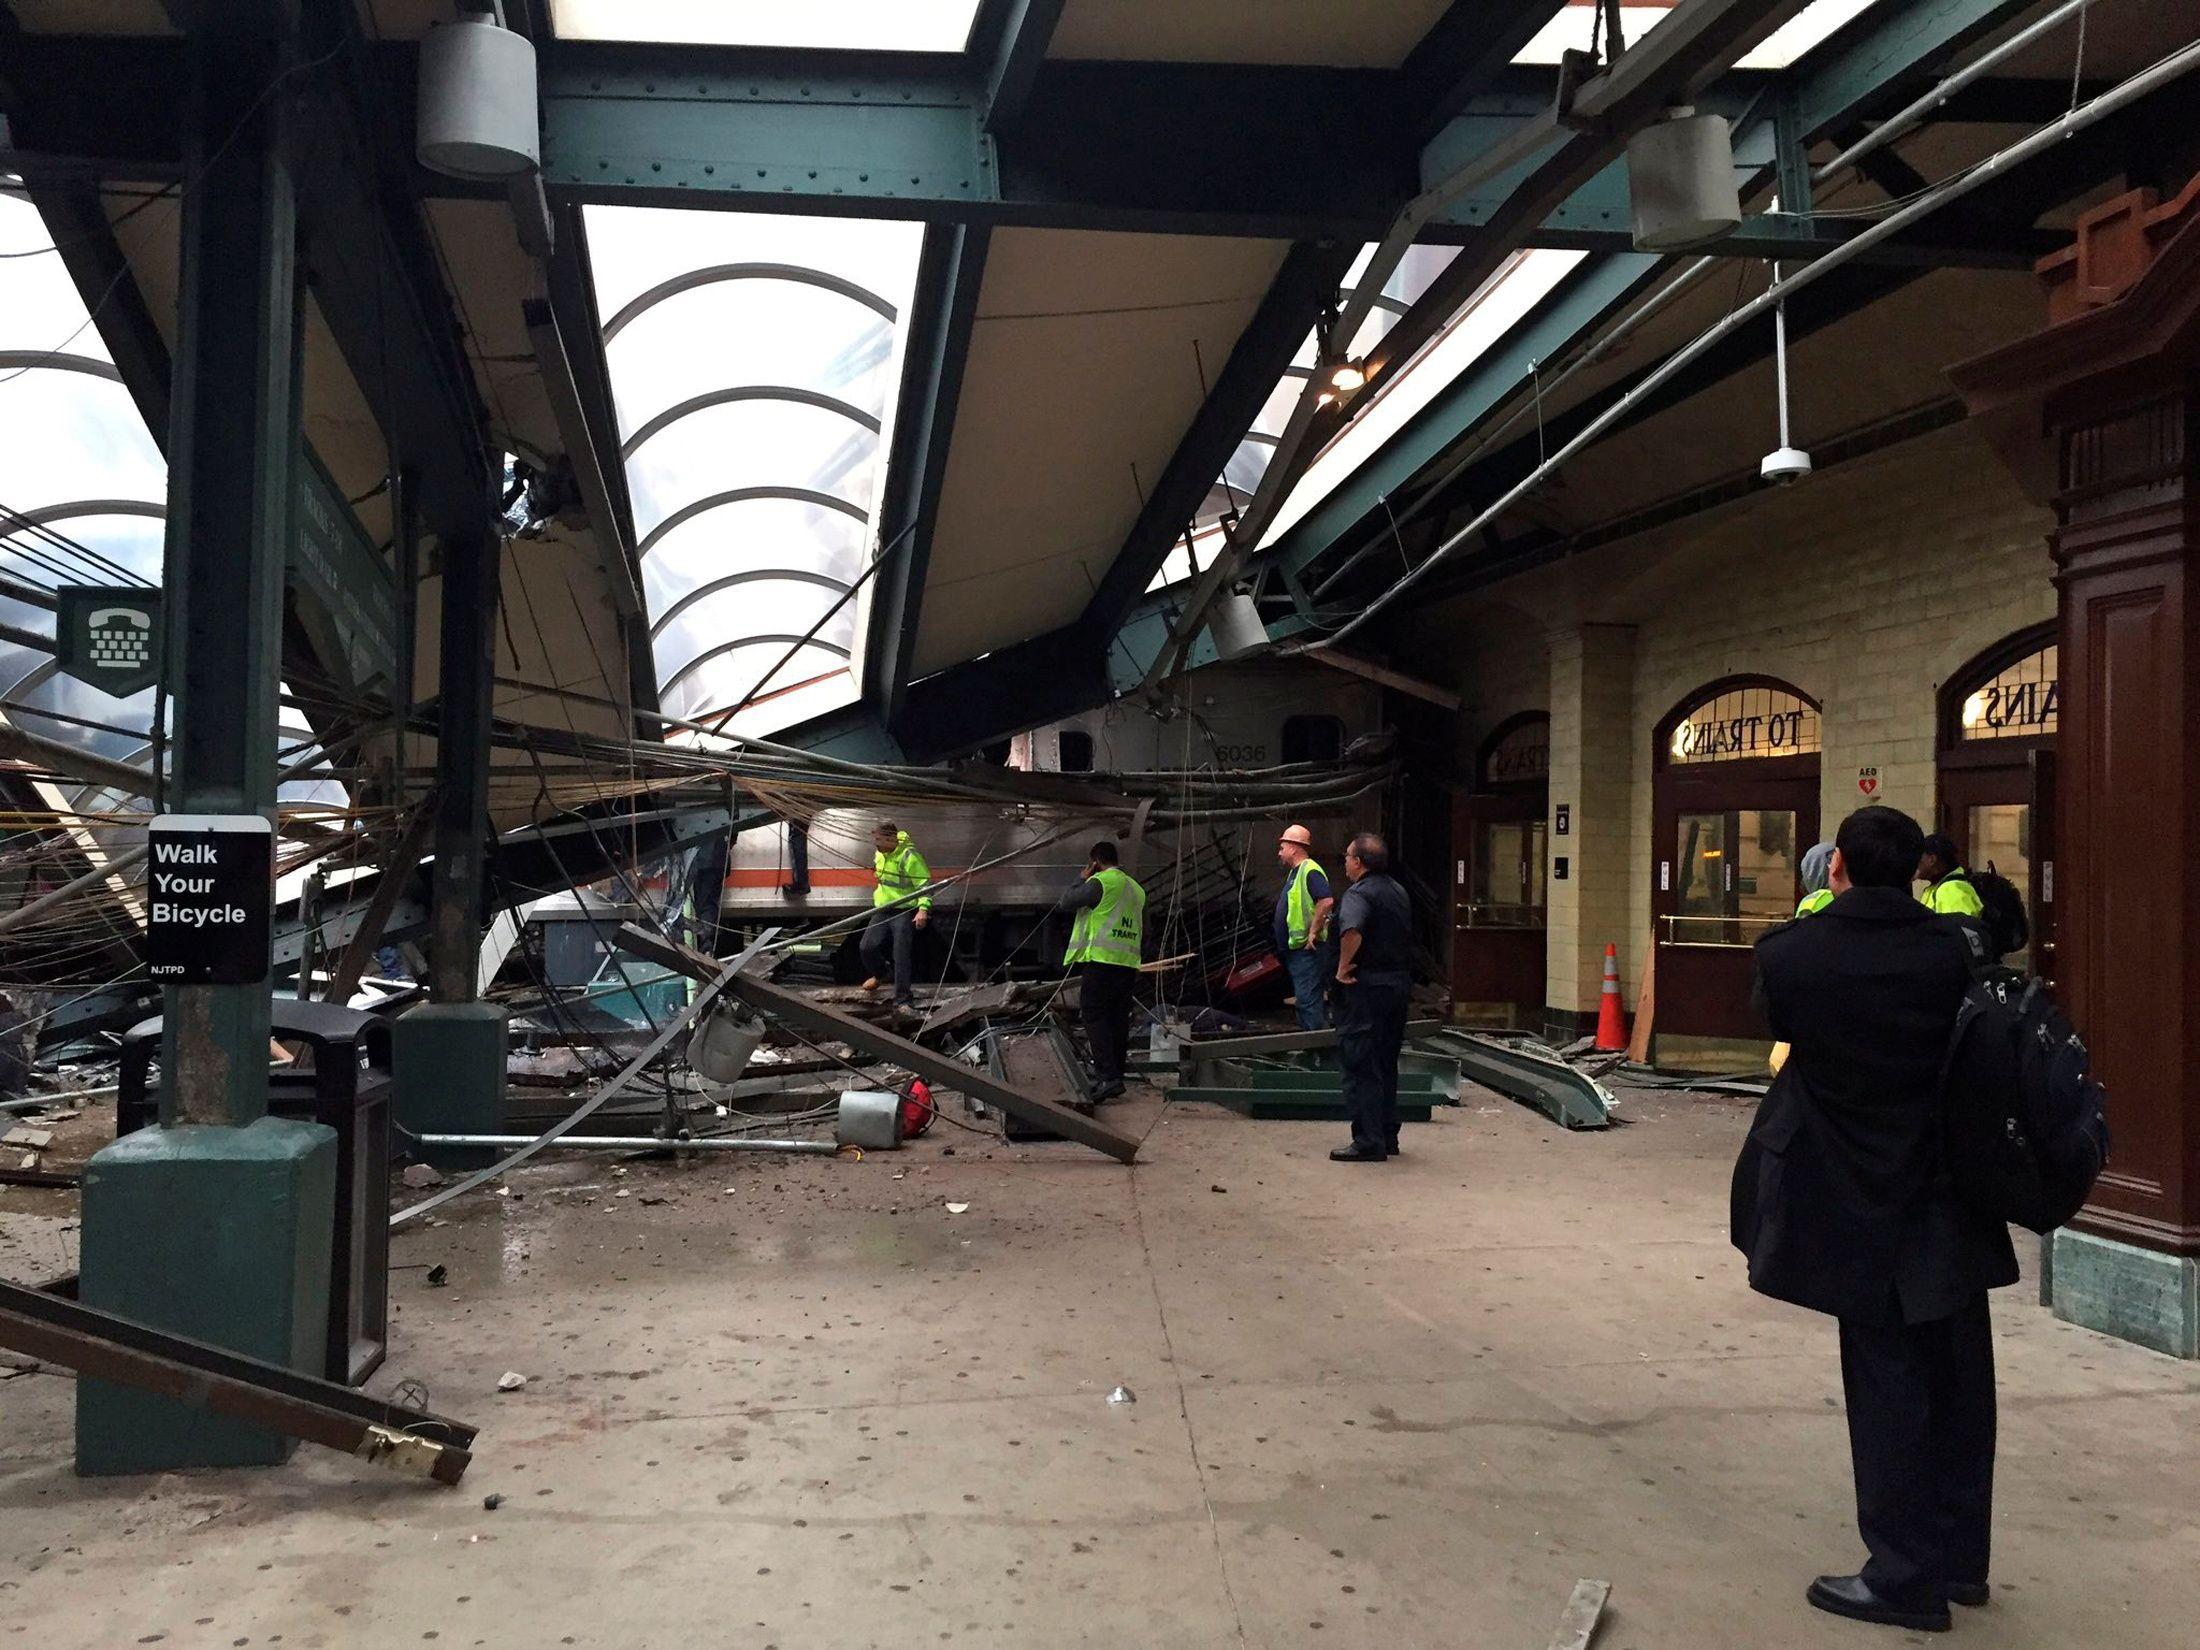 États-Unis : au moins un mort et une centaine de blessés dans un accident de train près de New York